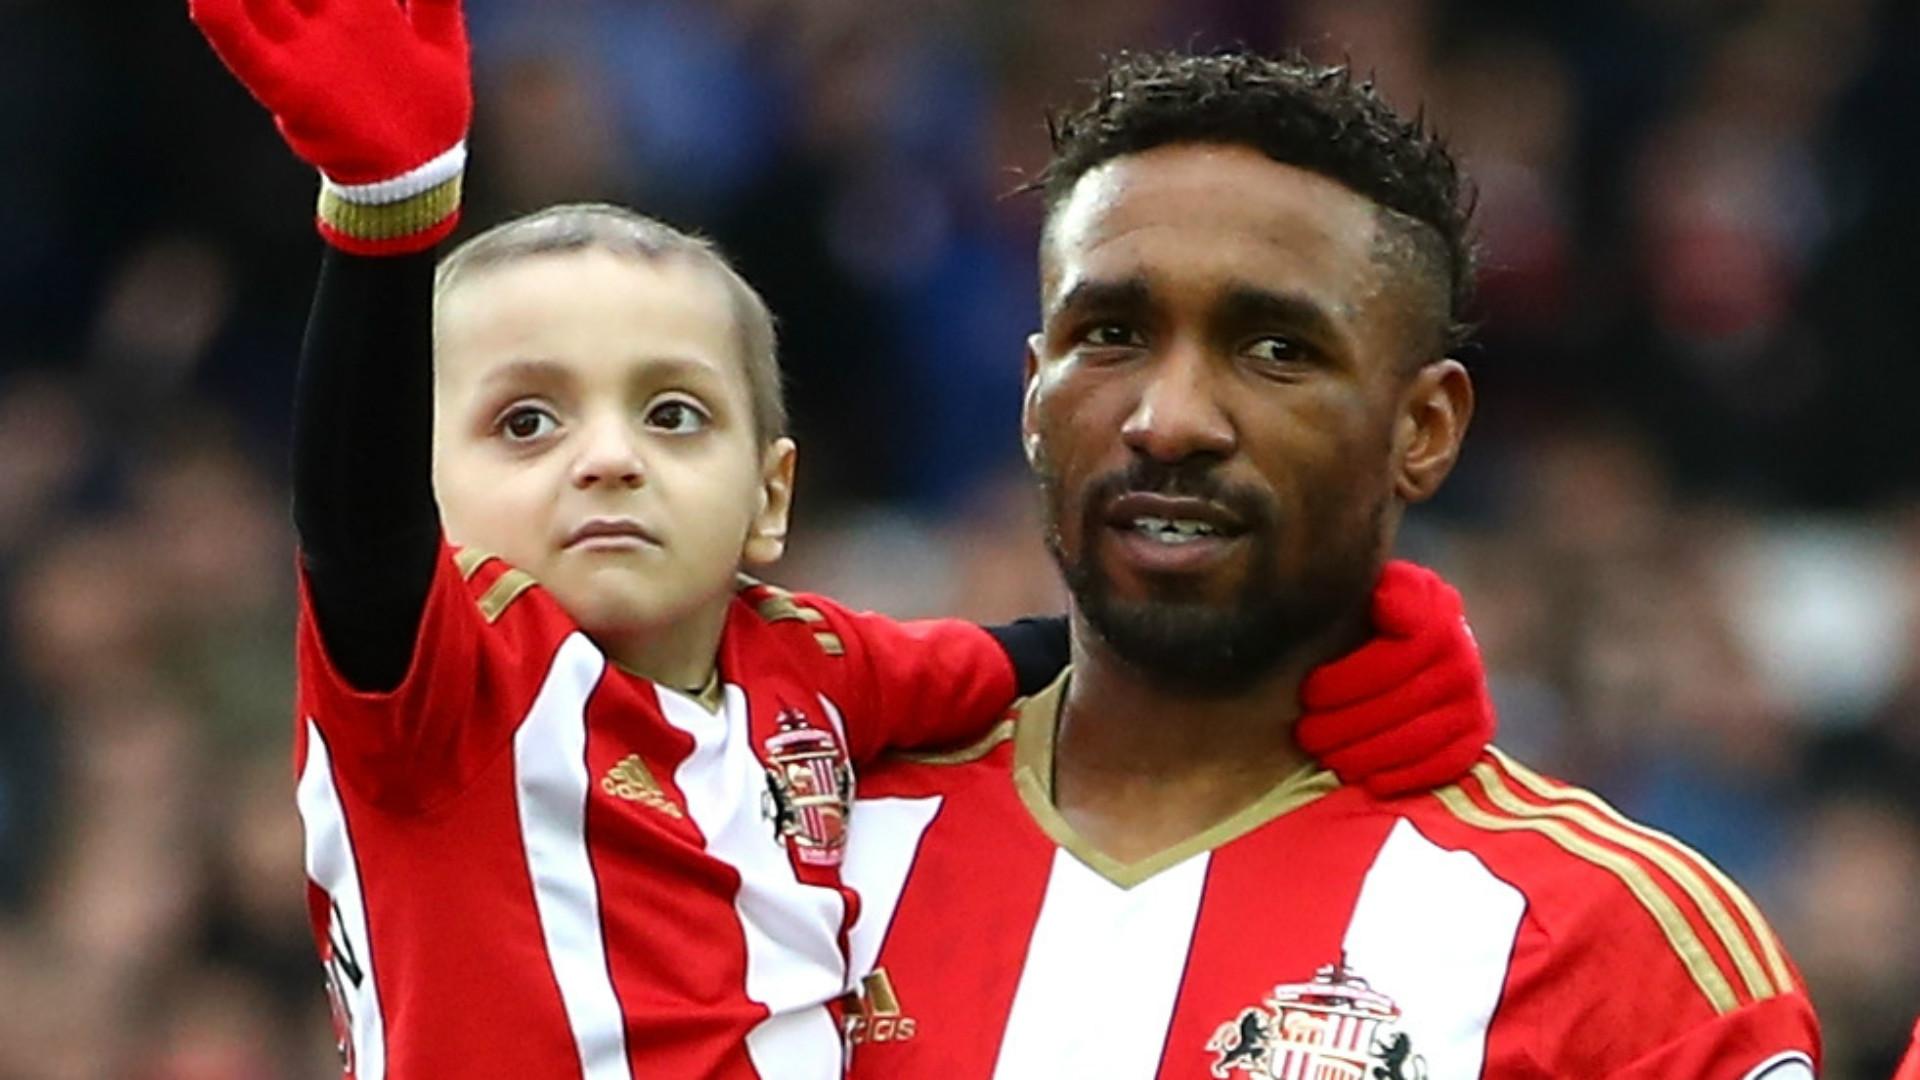 Jermain Defoe visits terminally ill Sunderland fan Bradley Lowery